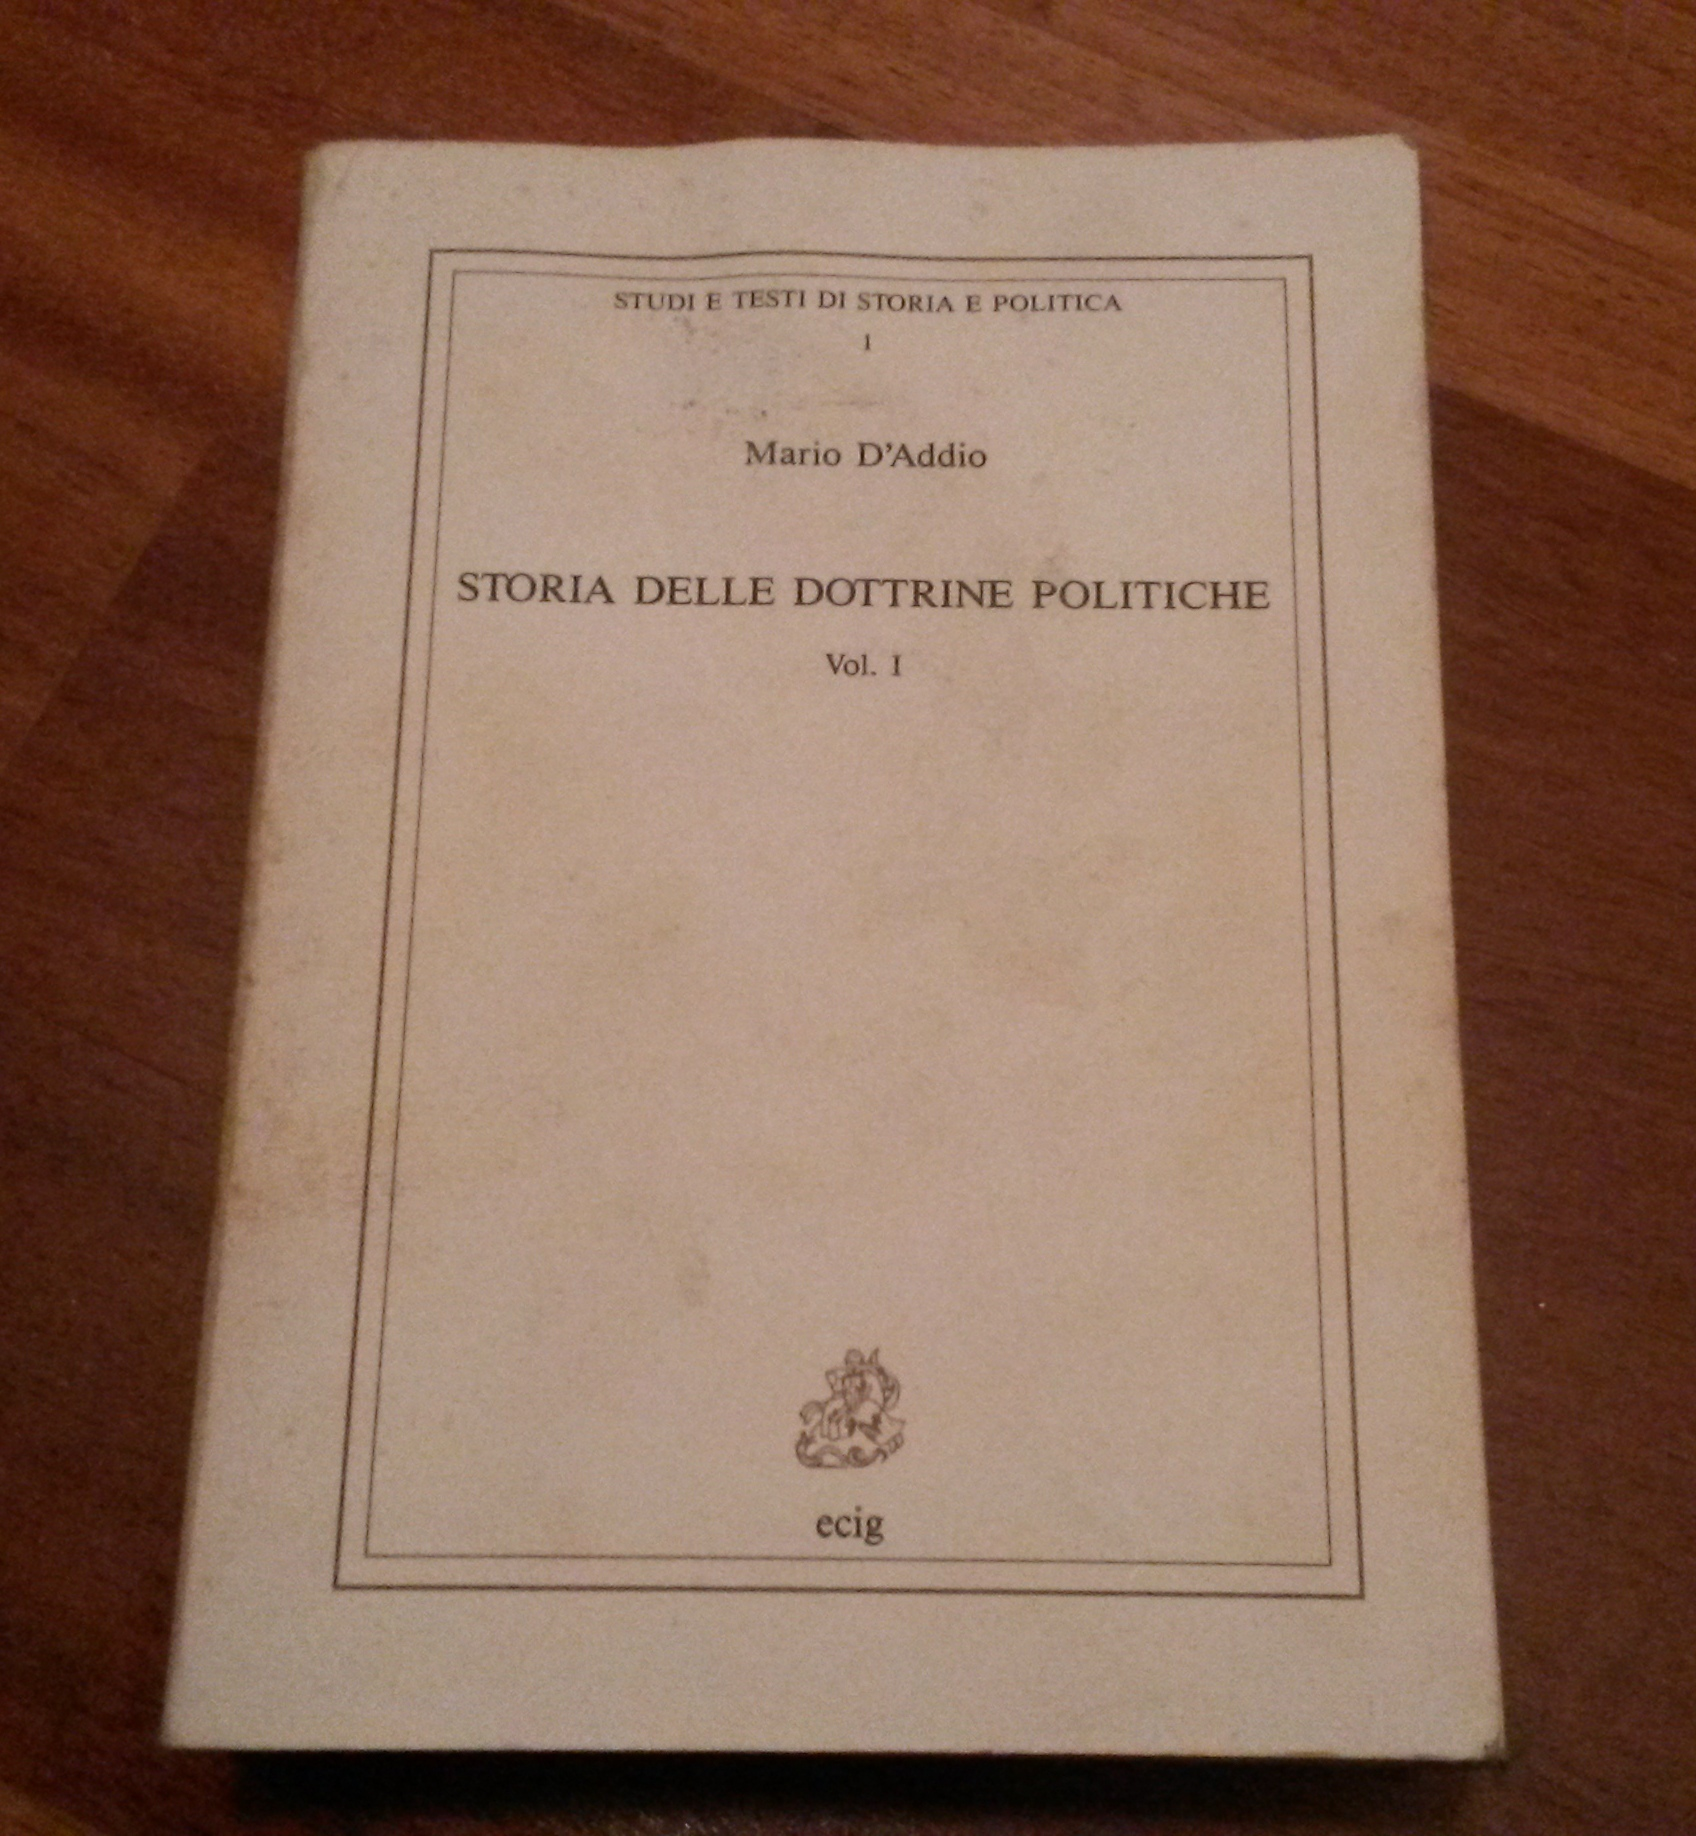 Appunti di storia delle dottrine politiche